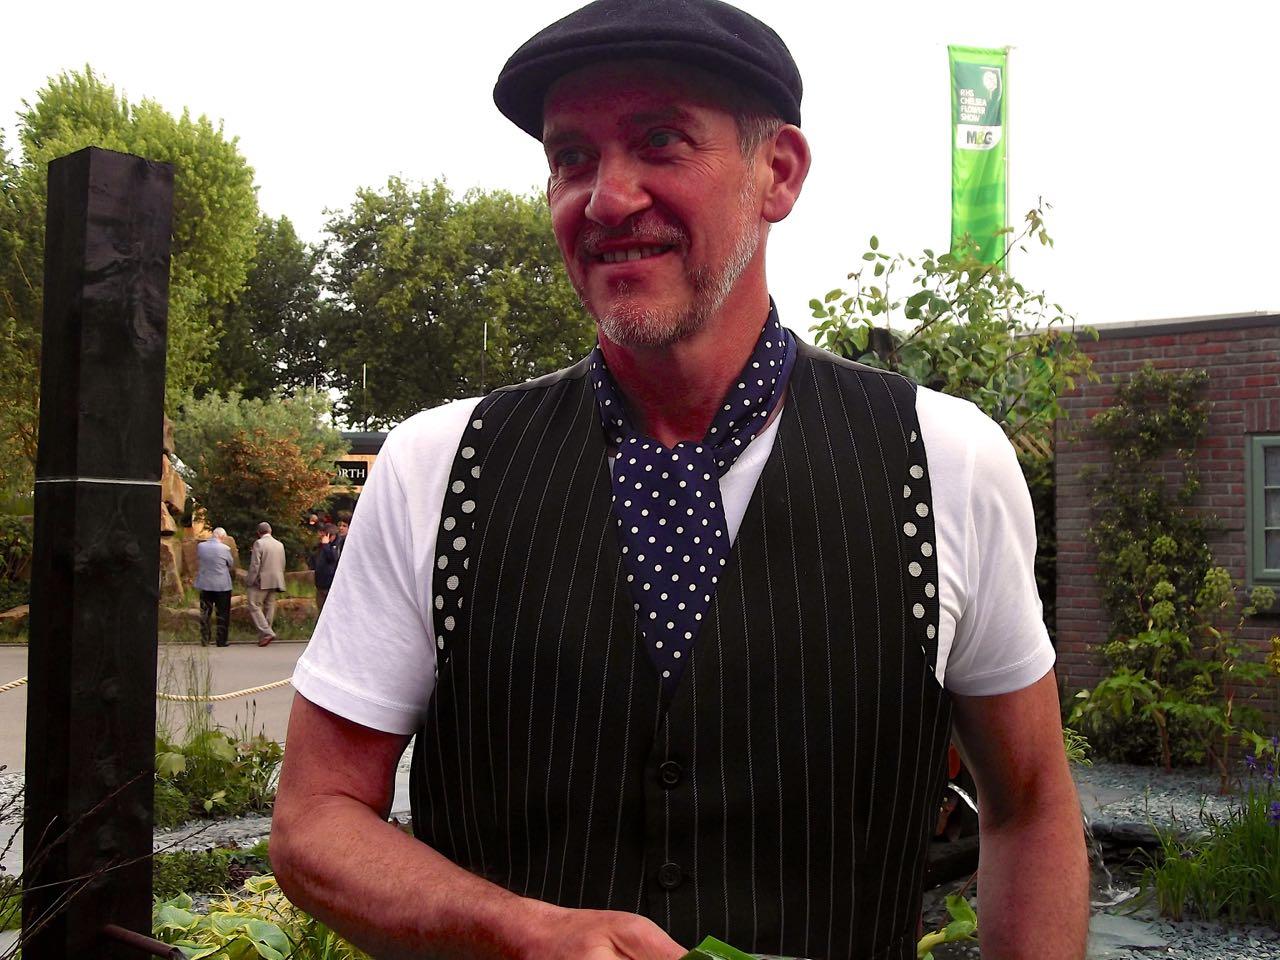 Sean Murray in his garden for The Great Chelsea Garden Challenge 2015